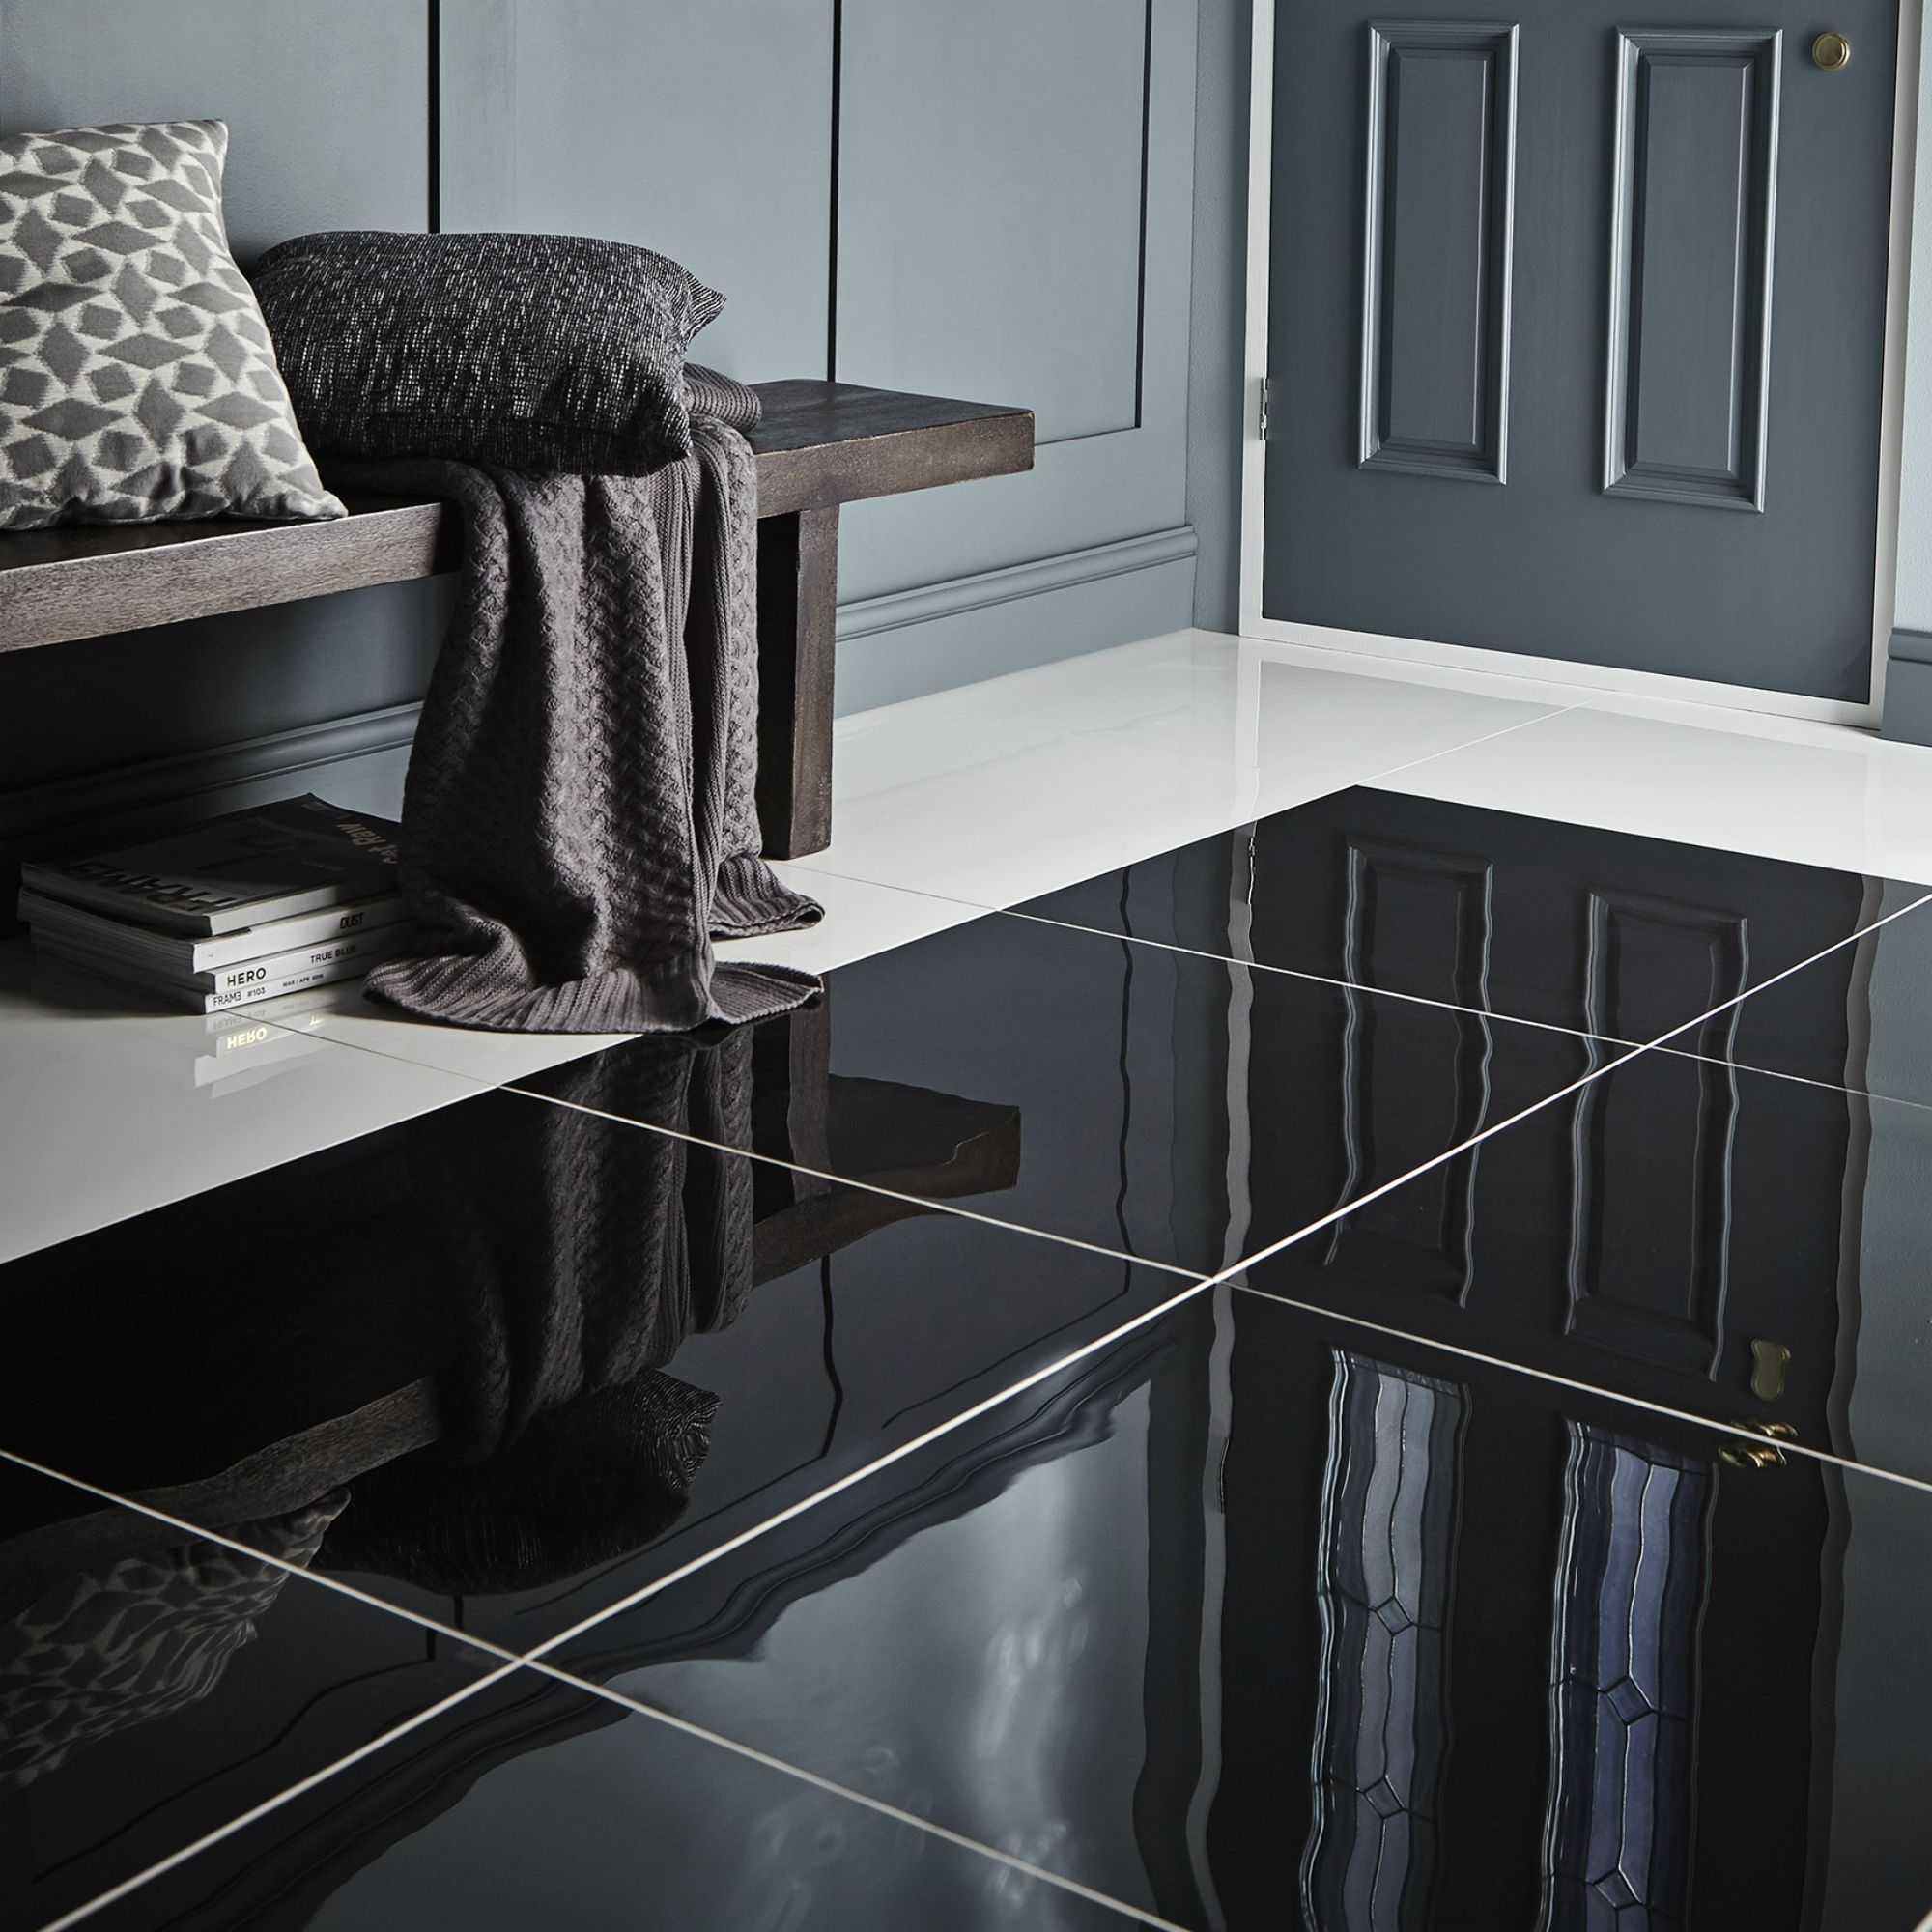 Black Kitchen Tiles B Q: Livourne Black Polished Floor Tile, Pack Of 3, (L)600mm (W